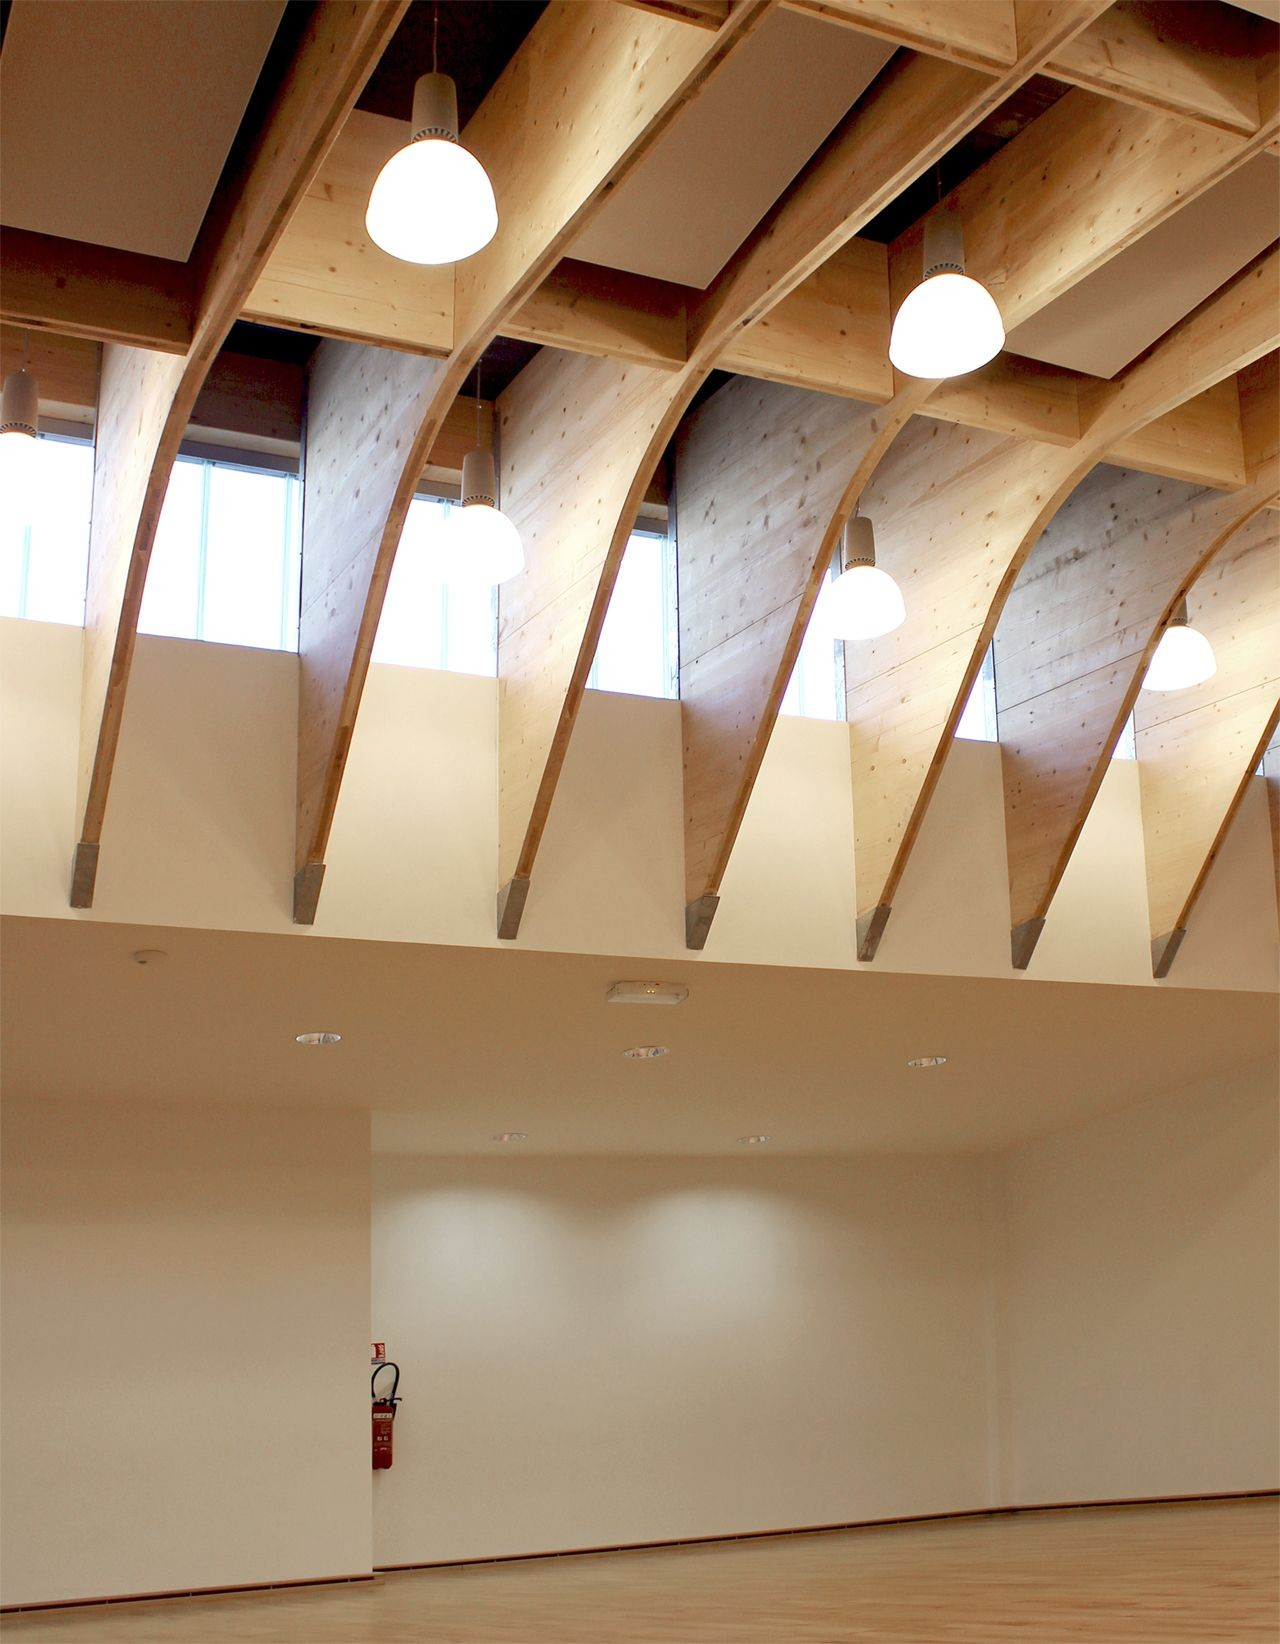 Atelier D Architecture Alexandre Dreyssé gallery of gymnasium régis racine / atelier d'architecture